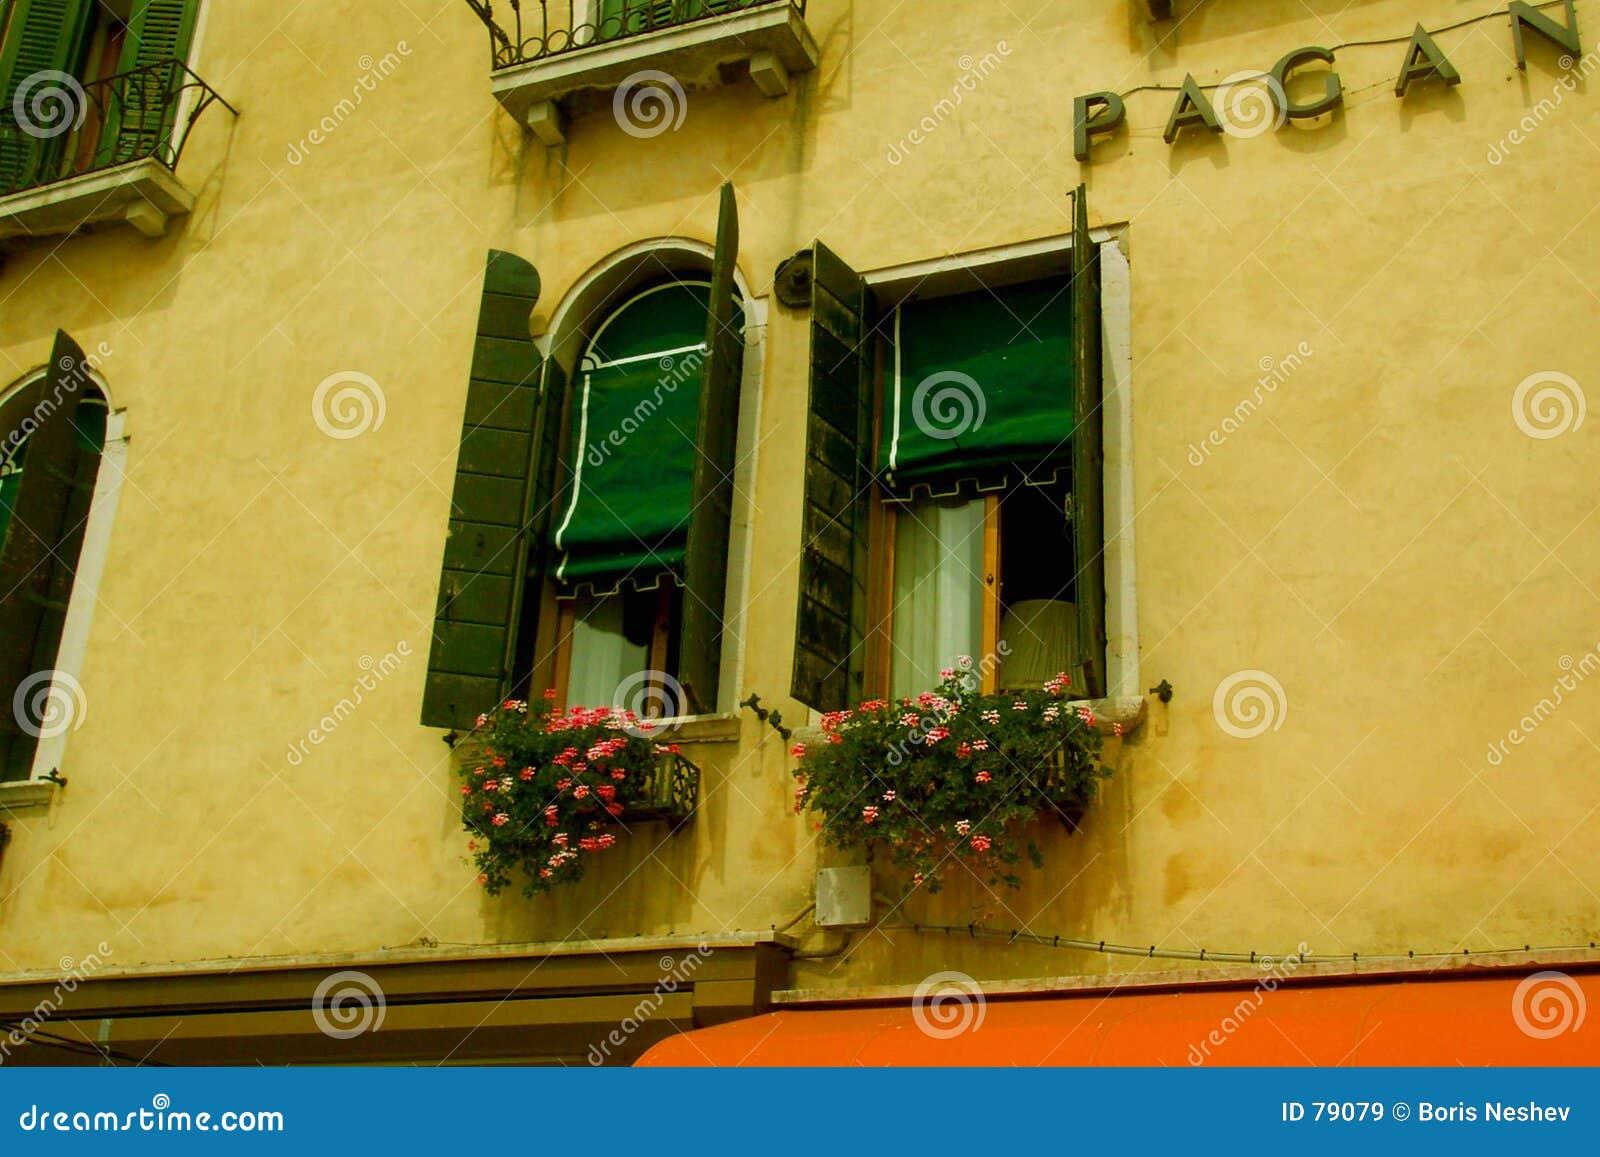 Windows à Venise